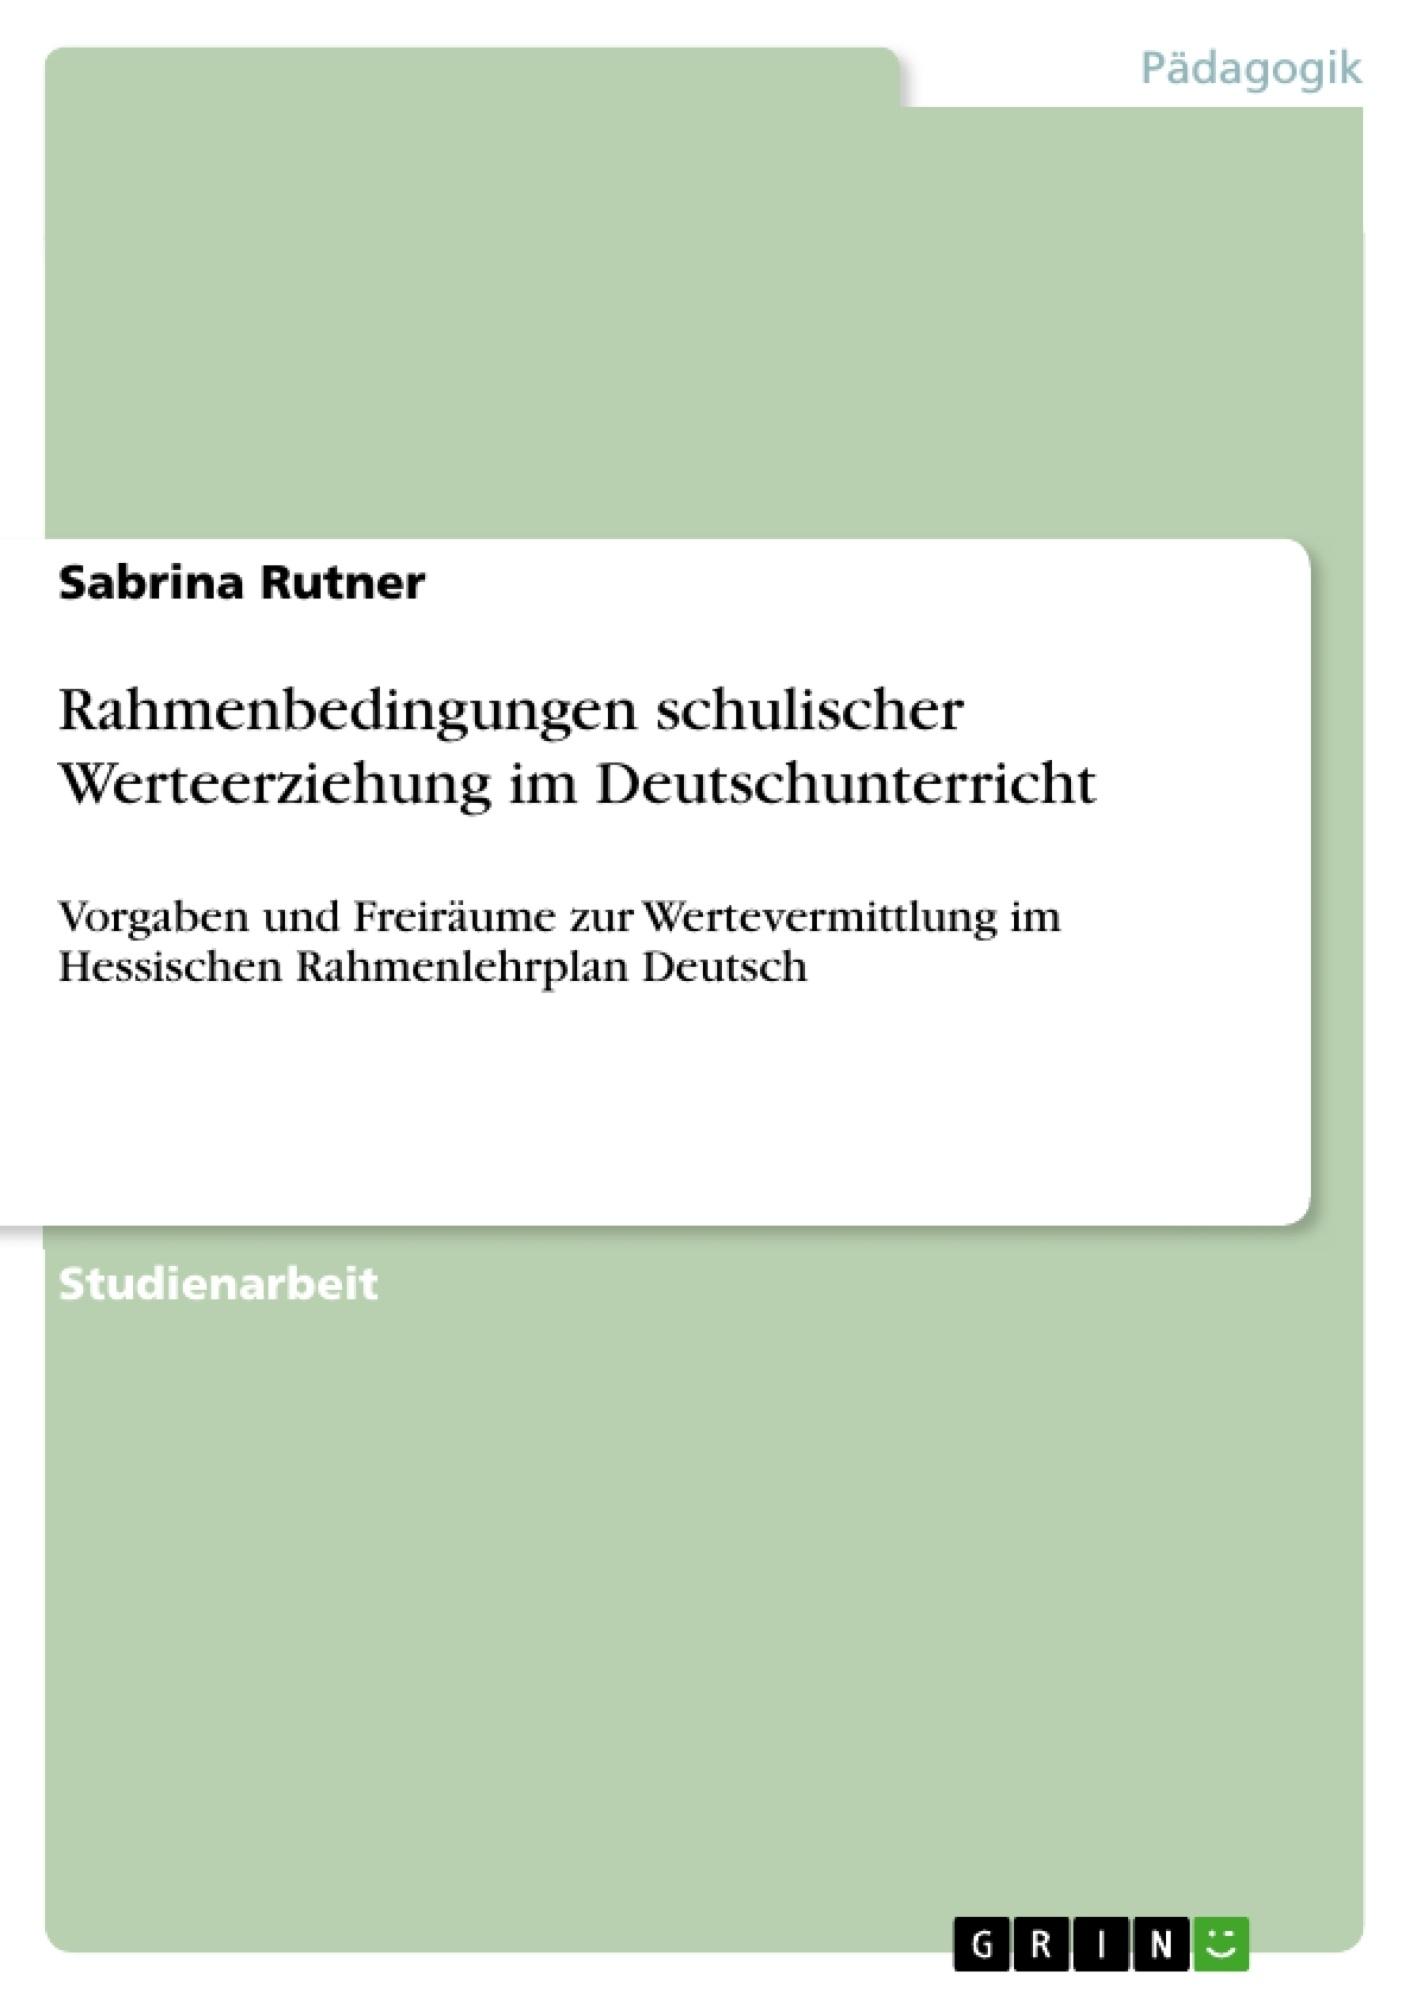 Titel: Rahmenbedingungen schulischer Werteerziehung im Deutschunterricht